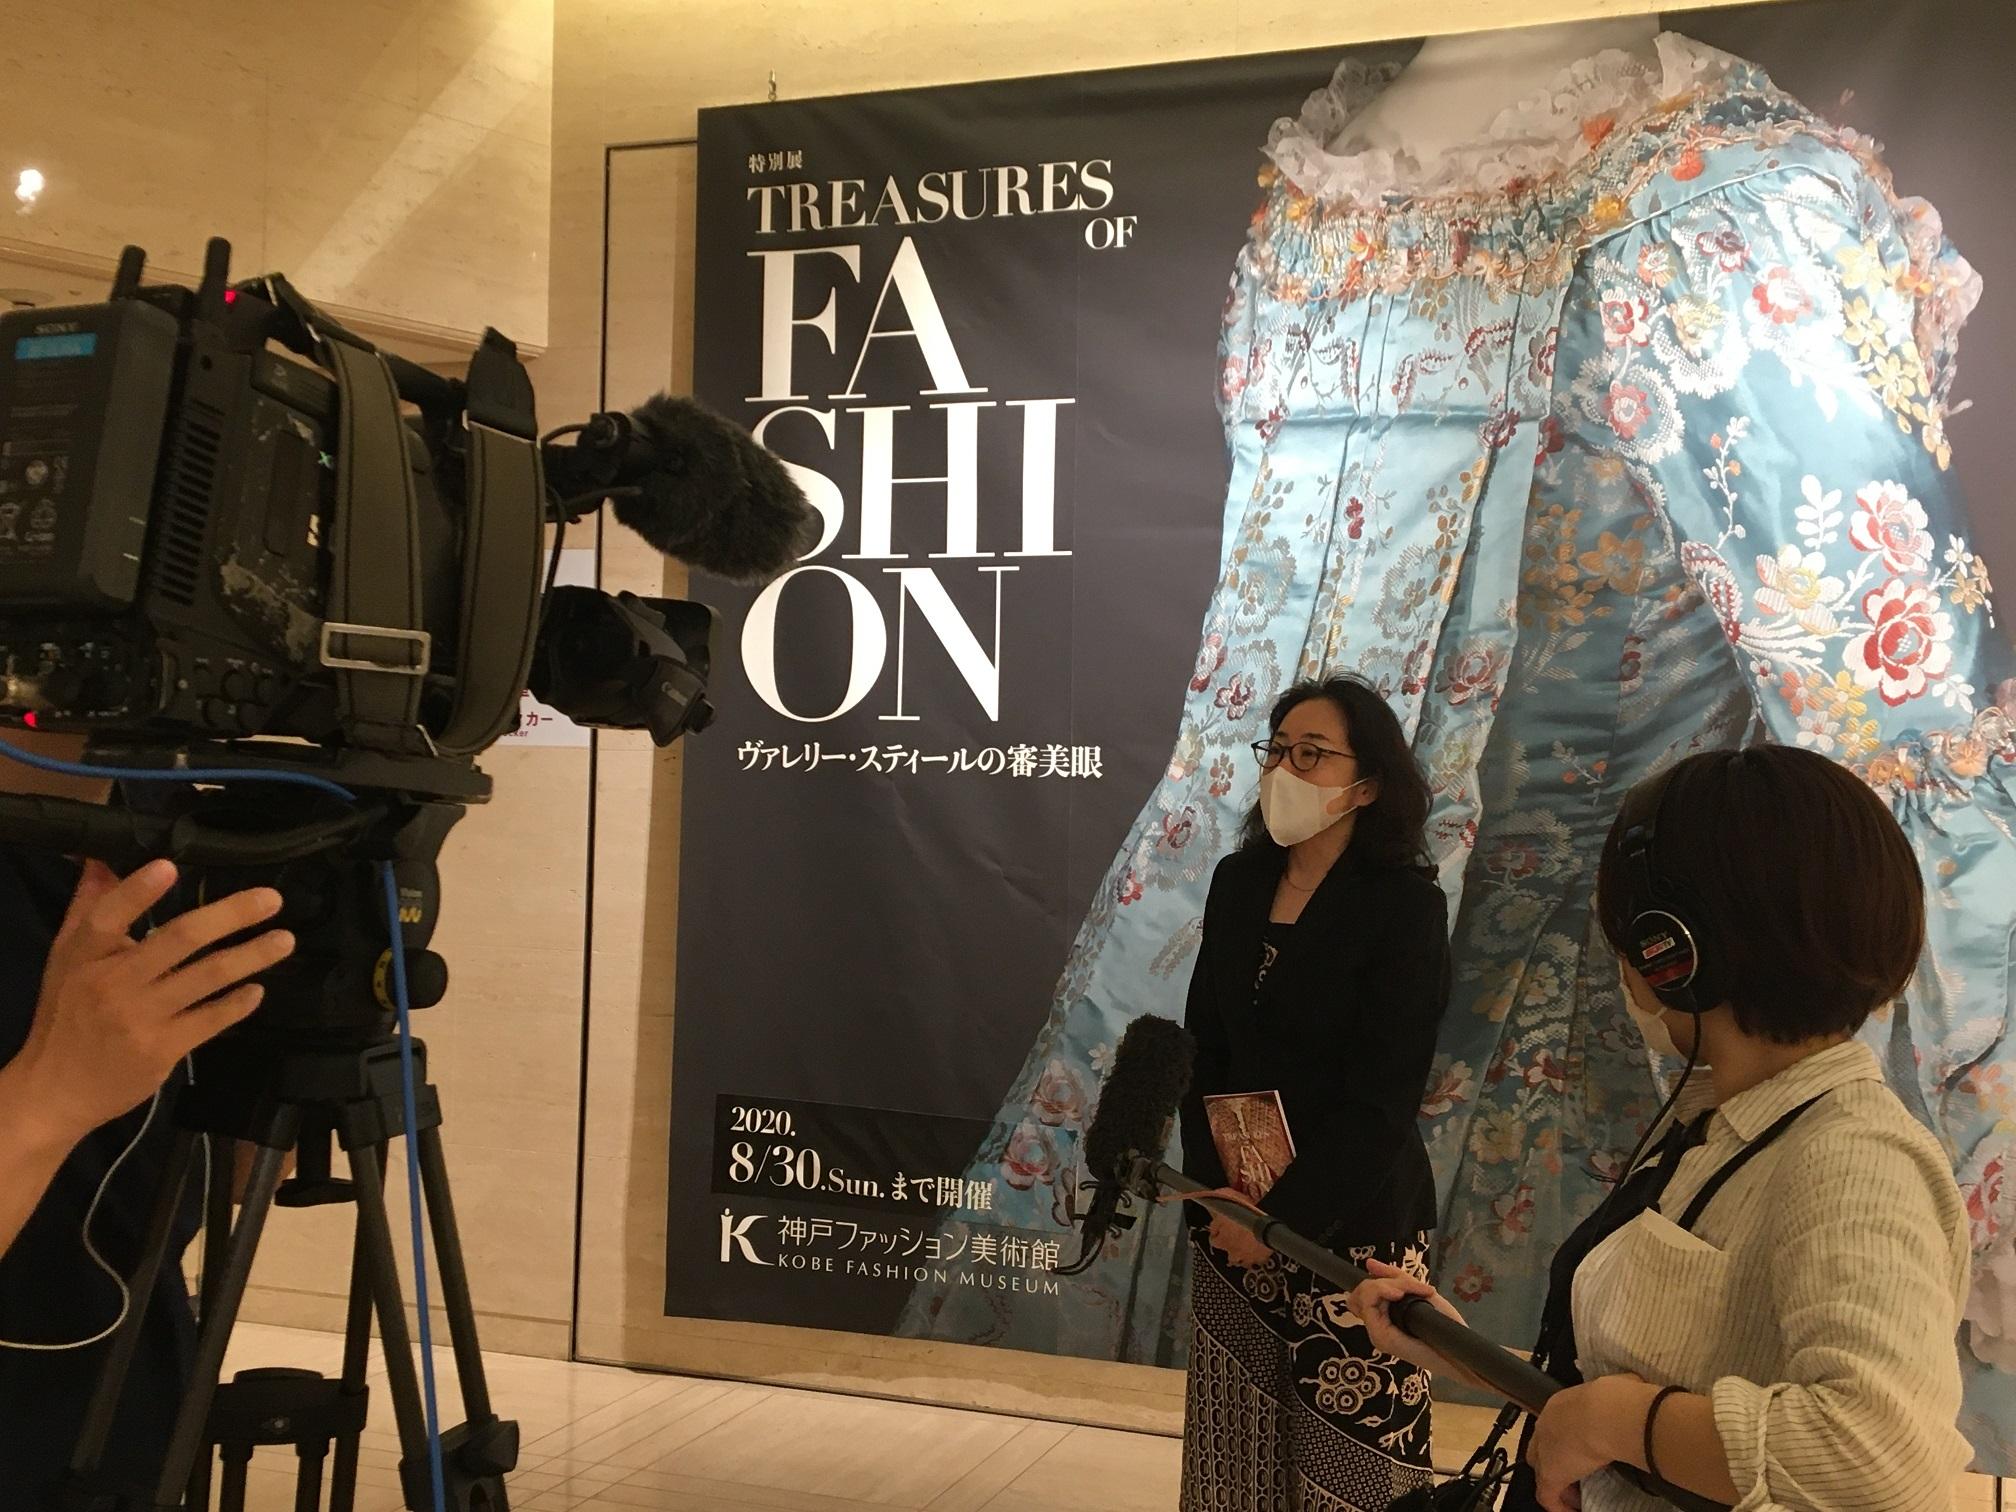 [Treasures of Fashion展] サンテレビのお昼のニュースで、当展をご紹介いただきました。WEBでもご覧いただけます